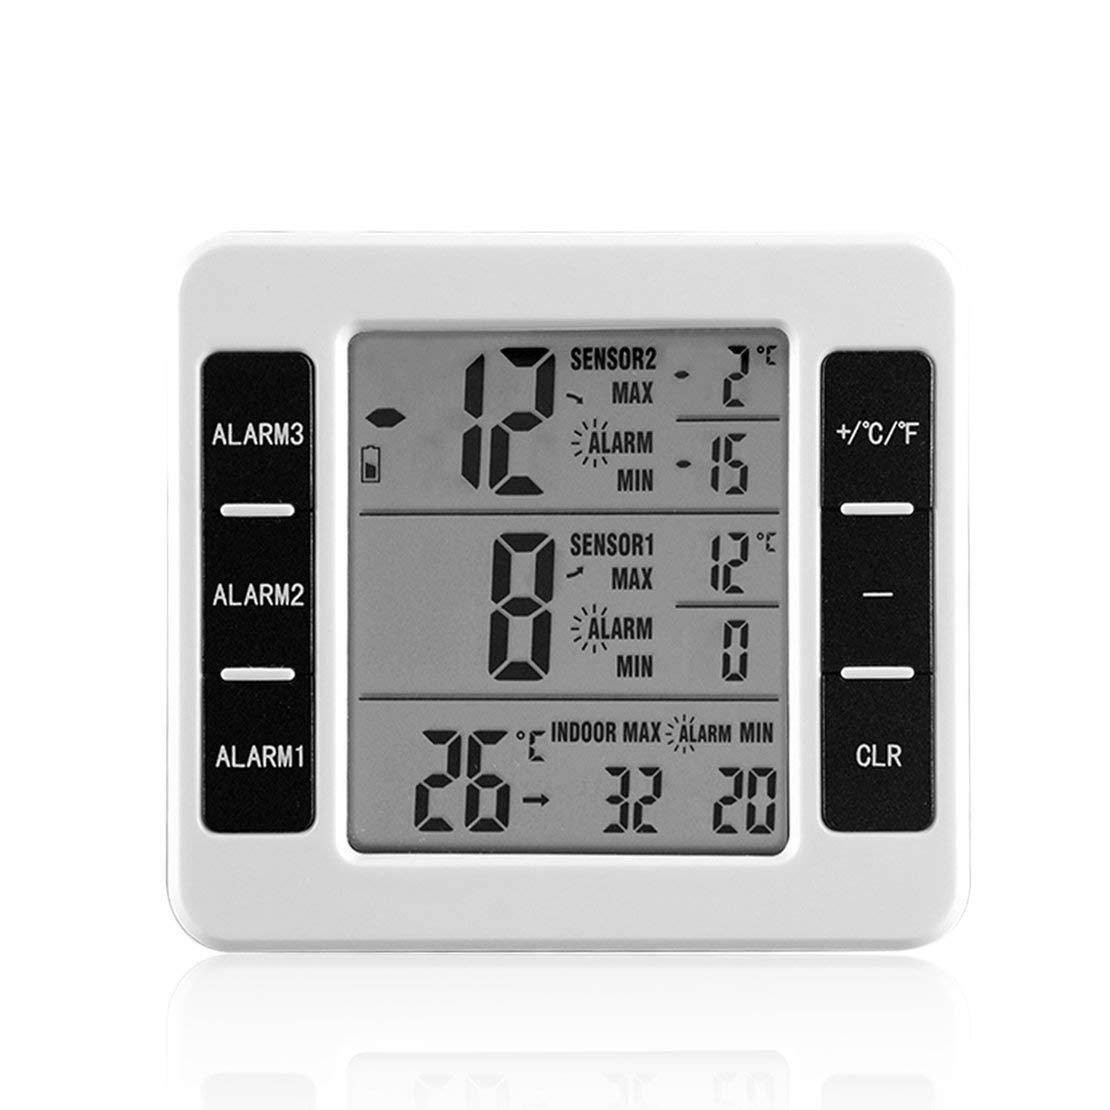 Sanzhileg Misuratore di Temperatura Esterno per Interni Misuratore di Temperatura per Esterni Tester per Stazione meteorologica con trasmettitore Wireless